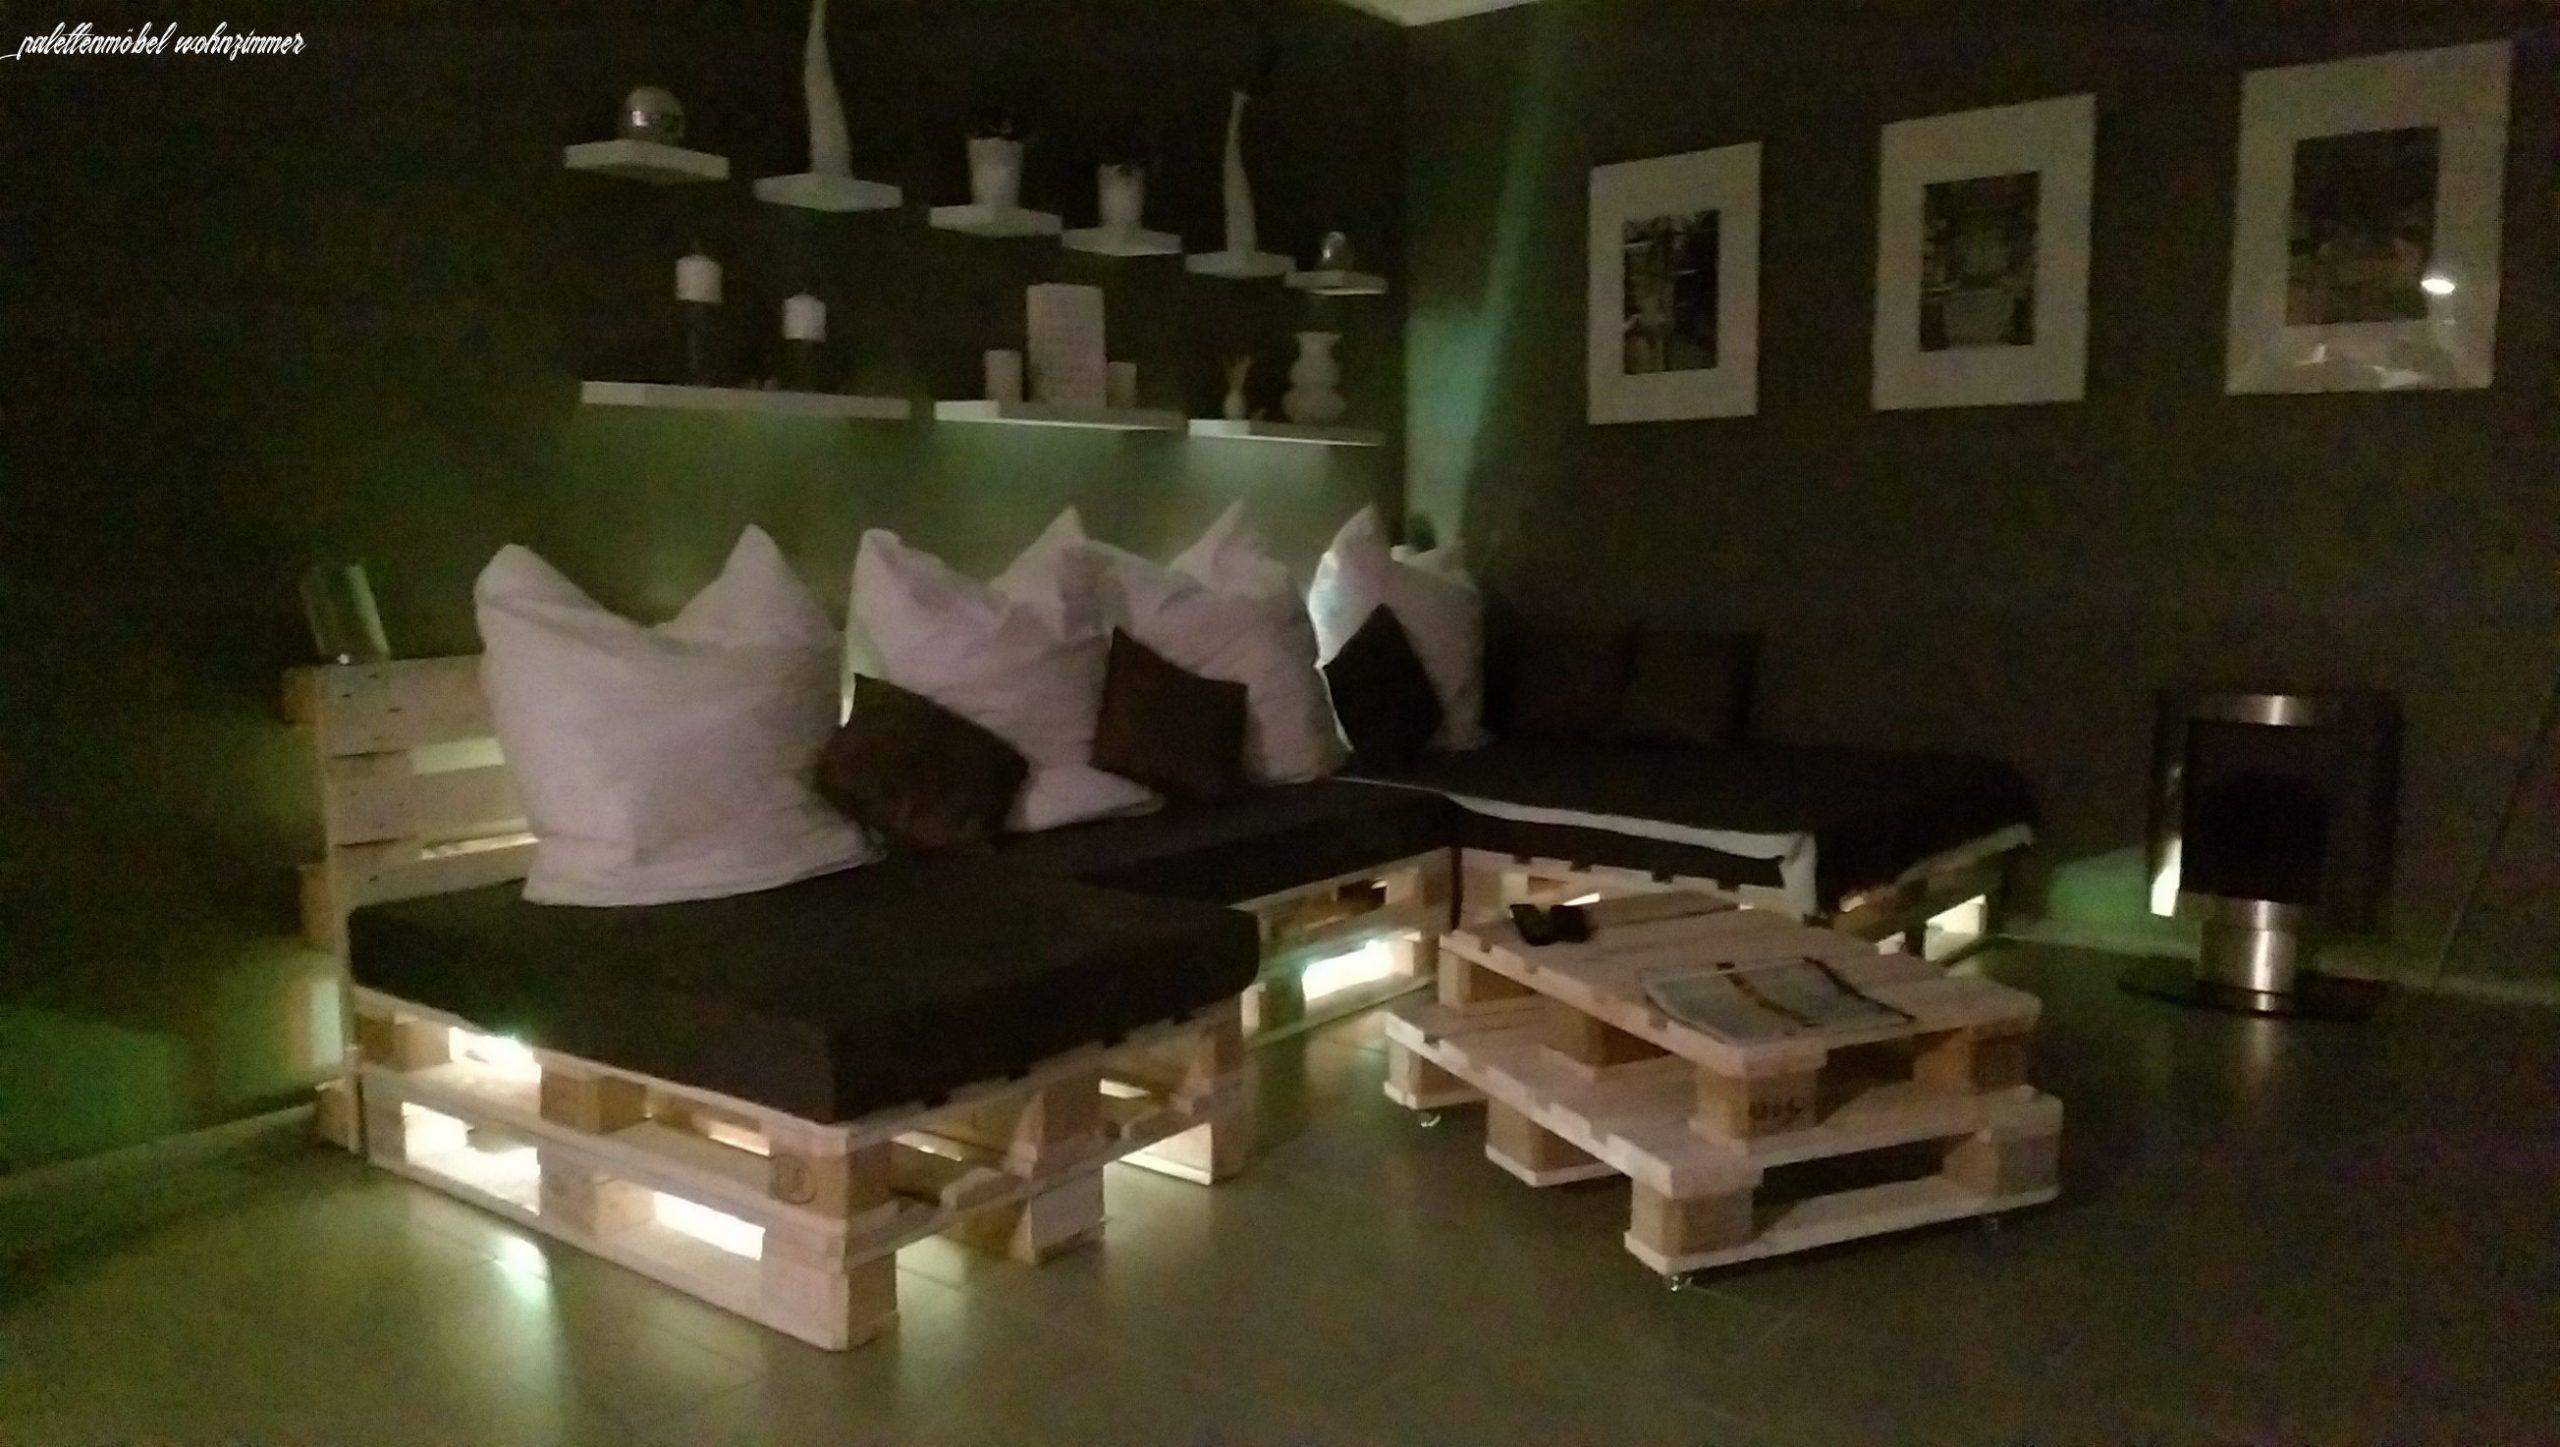 5 Einfache Regeln Von Palettenmobel Wohnzimmer In 2020 Pallet Furniture Designs Pallet Patio Furniture Diy Pallet Furniture